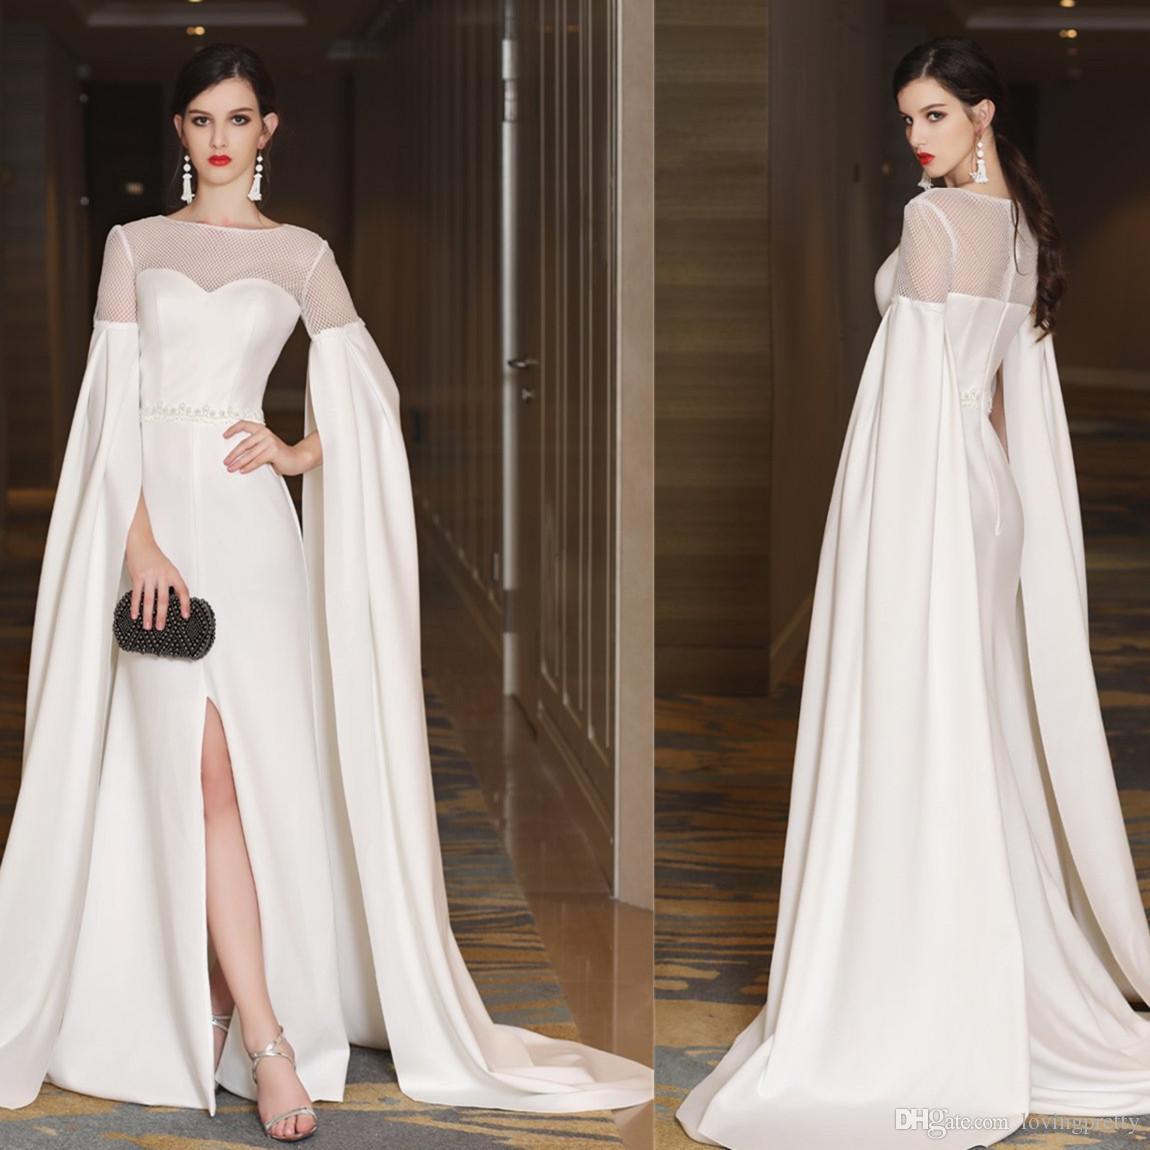 Großhandel JaneVini Elegant Weiß Lange Abendkleider Meerjungfrau Perlen  Lange Ärmel Front Split Reißverschluss Zurück Satin Sweep Zug Pageant Kleid